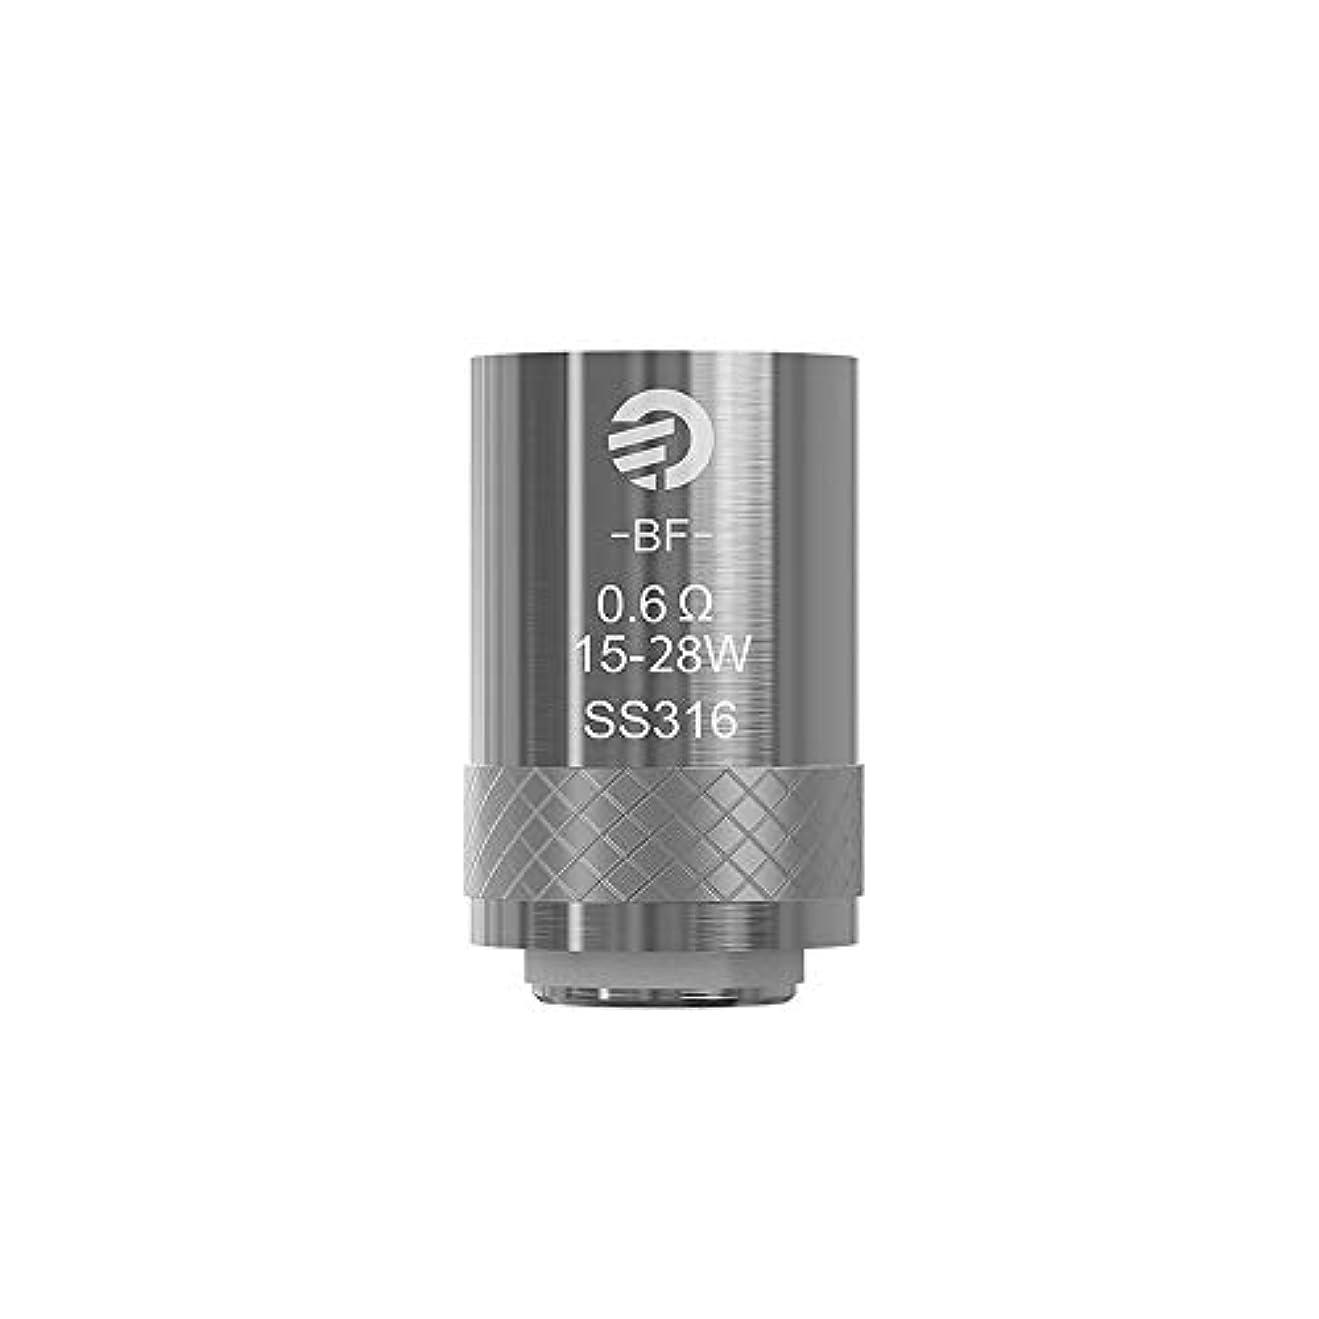 バウンド立ち向かう約設定Joyetech ジョイテック コイル BF Atomizer Head 0.6Ω 1箱5個入り 【正規輸入品】